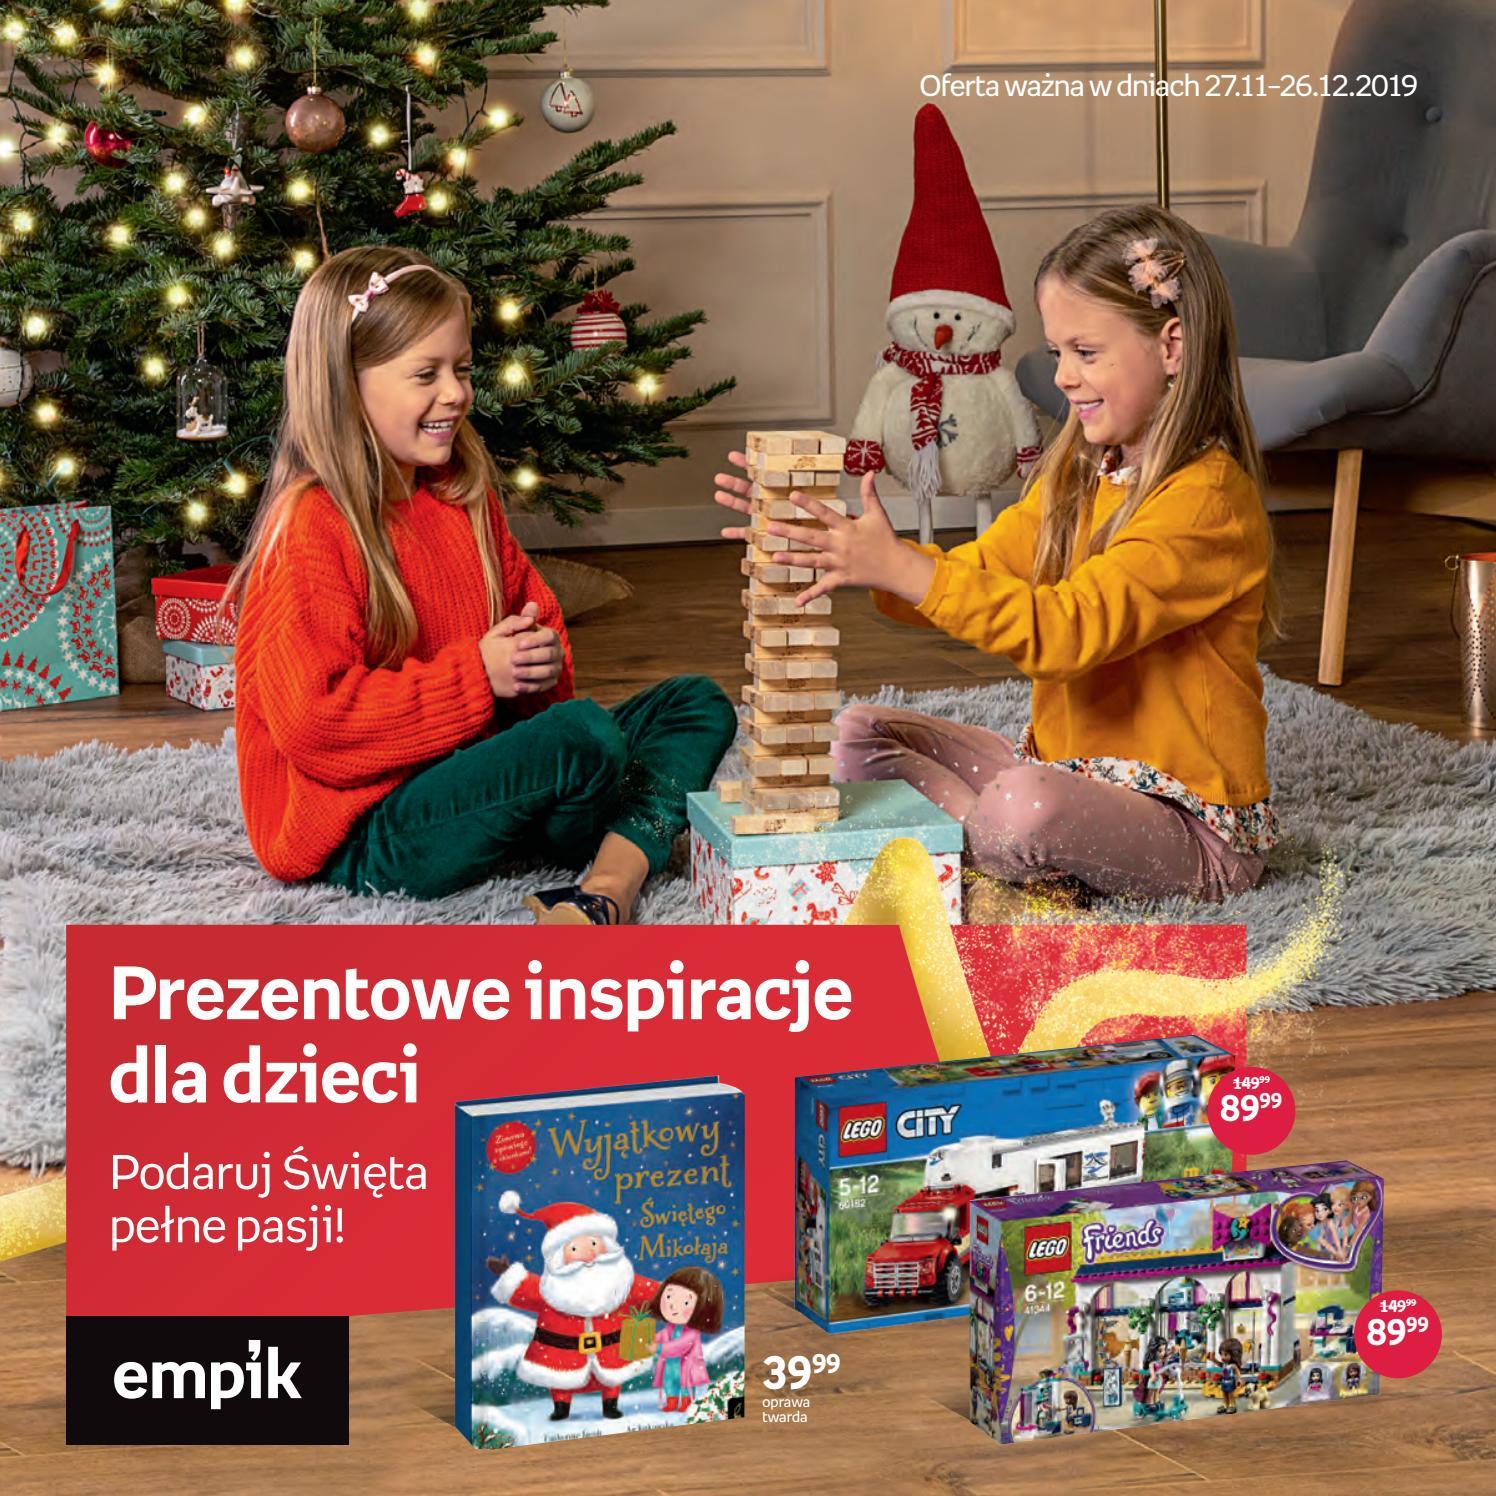 Empik Prezentowe Inspiracje Dla Dzieci By Empik Issuu